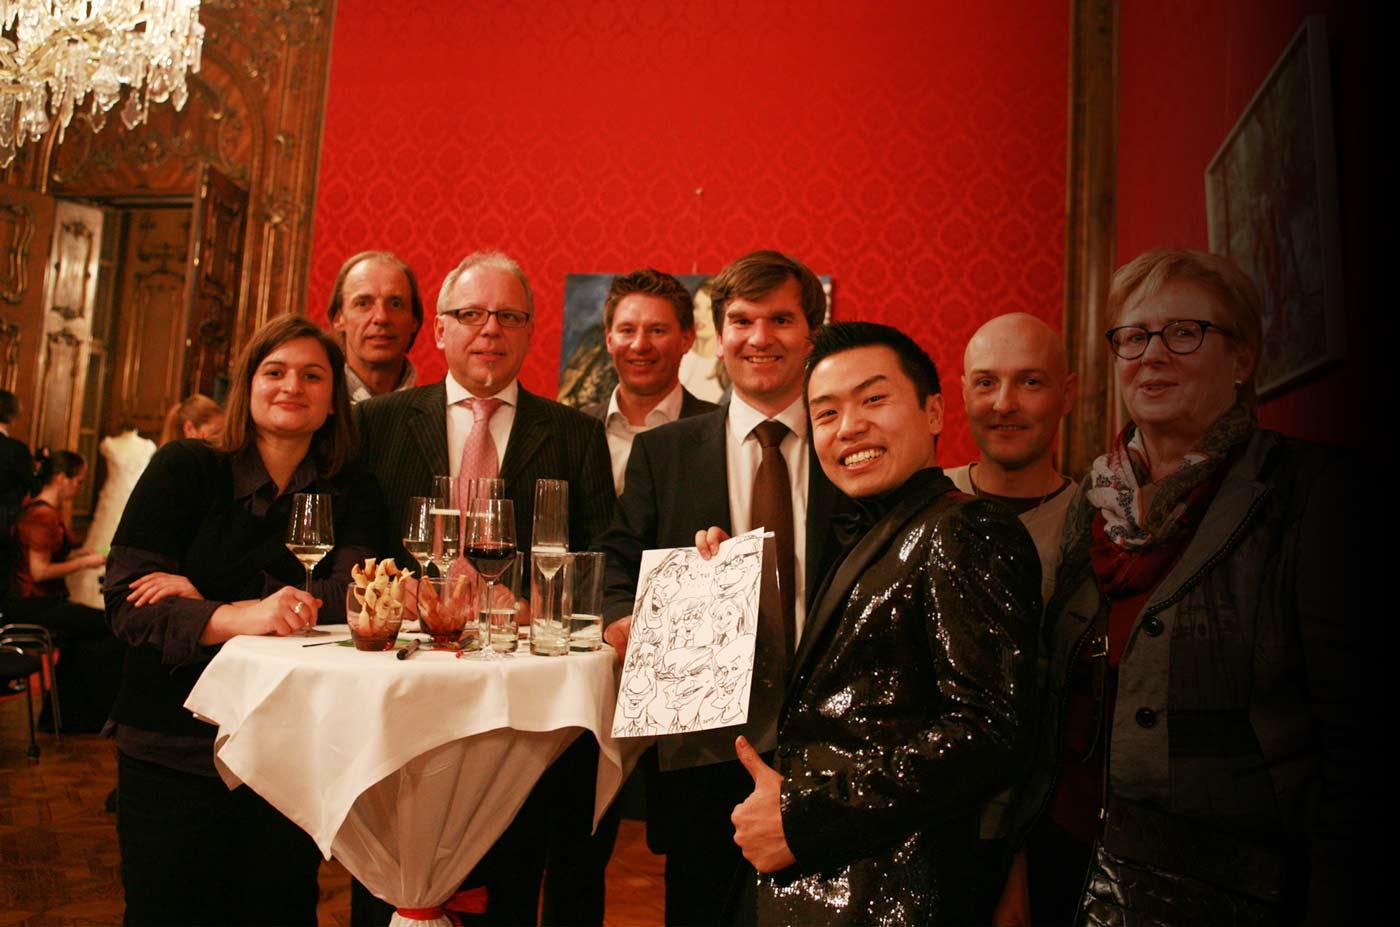 Karikaturist / Schnellzeichner für Betriebsfeiern und Mitarbeiter-Veranstaltungen